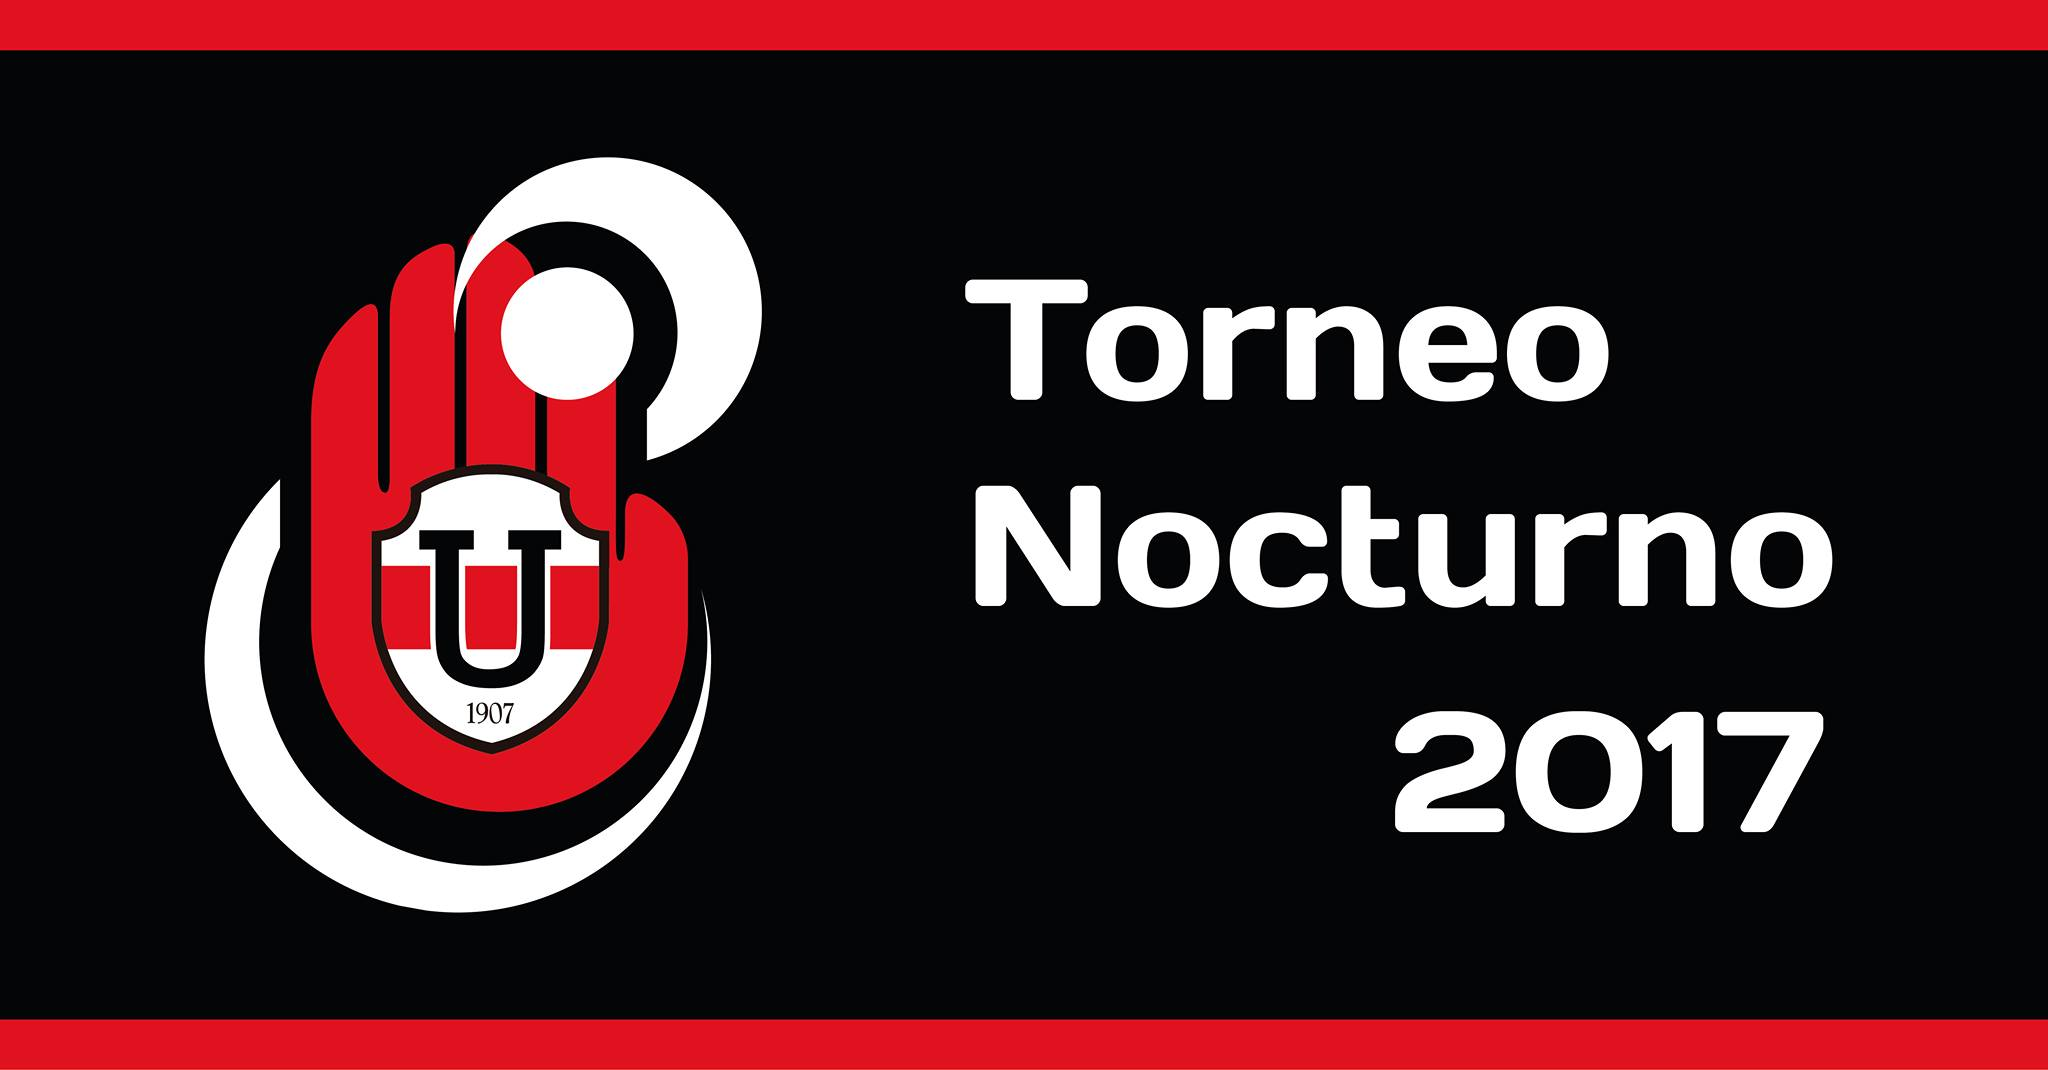 Nueva edición del Torneo Nocturno 2017 en Universitario